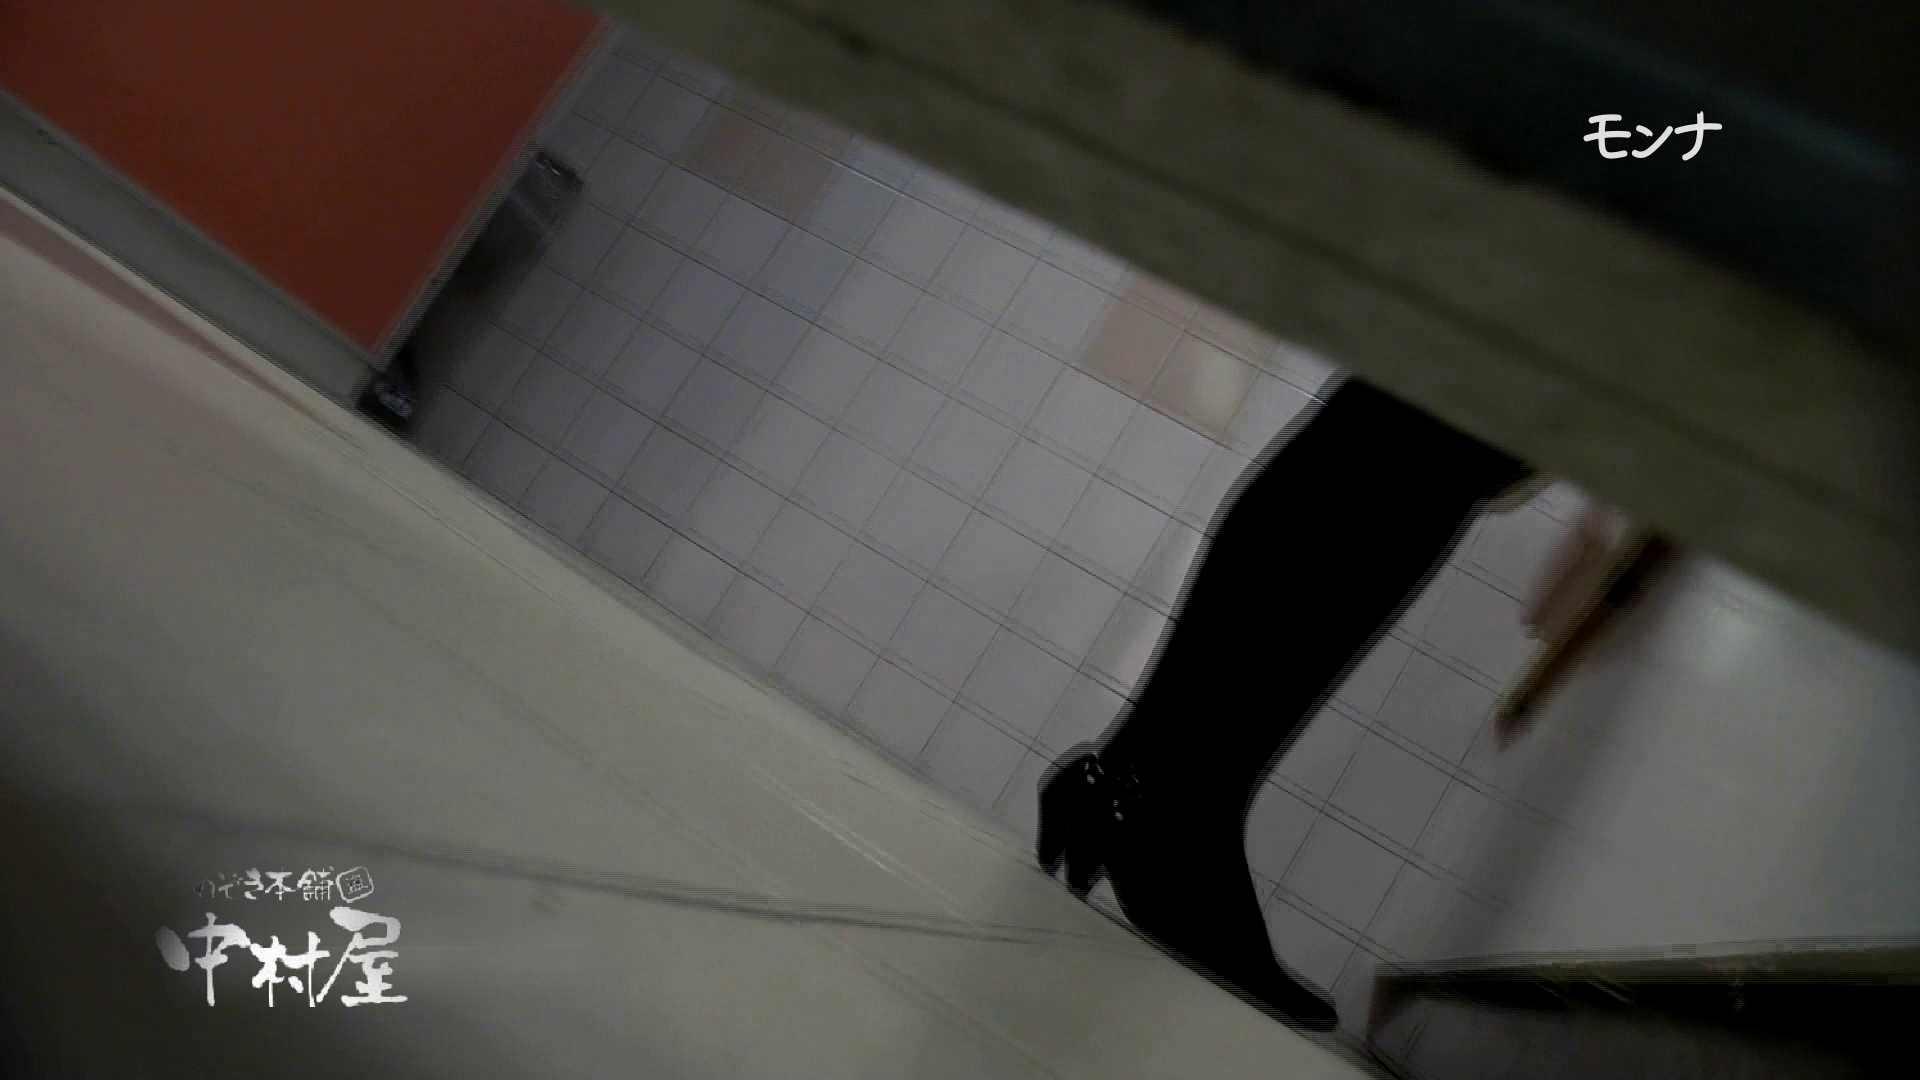 【美しい日本の未来】新学期!!下半身中心に攻めてます美女可愛い女子悪戯盗satuトイレ後編 悪戯 | 下半身  97pic 23